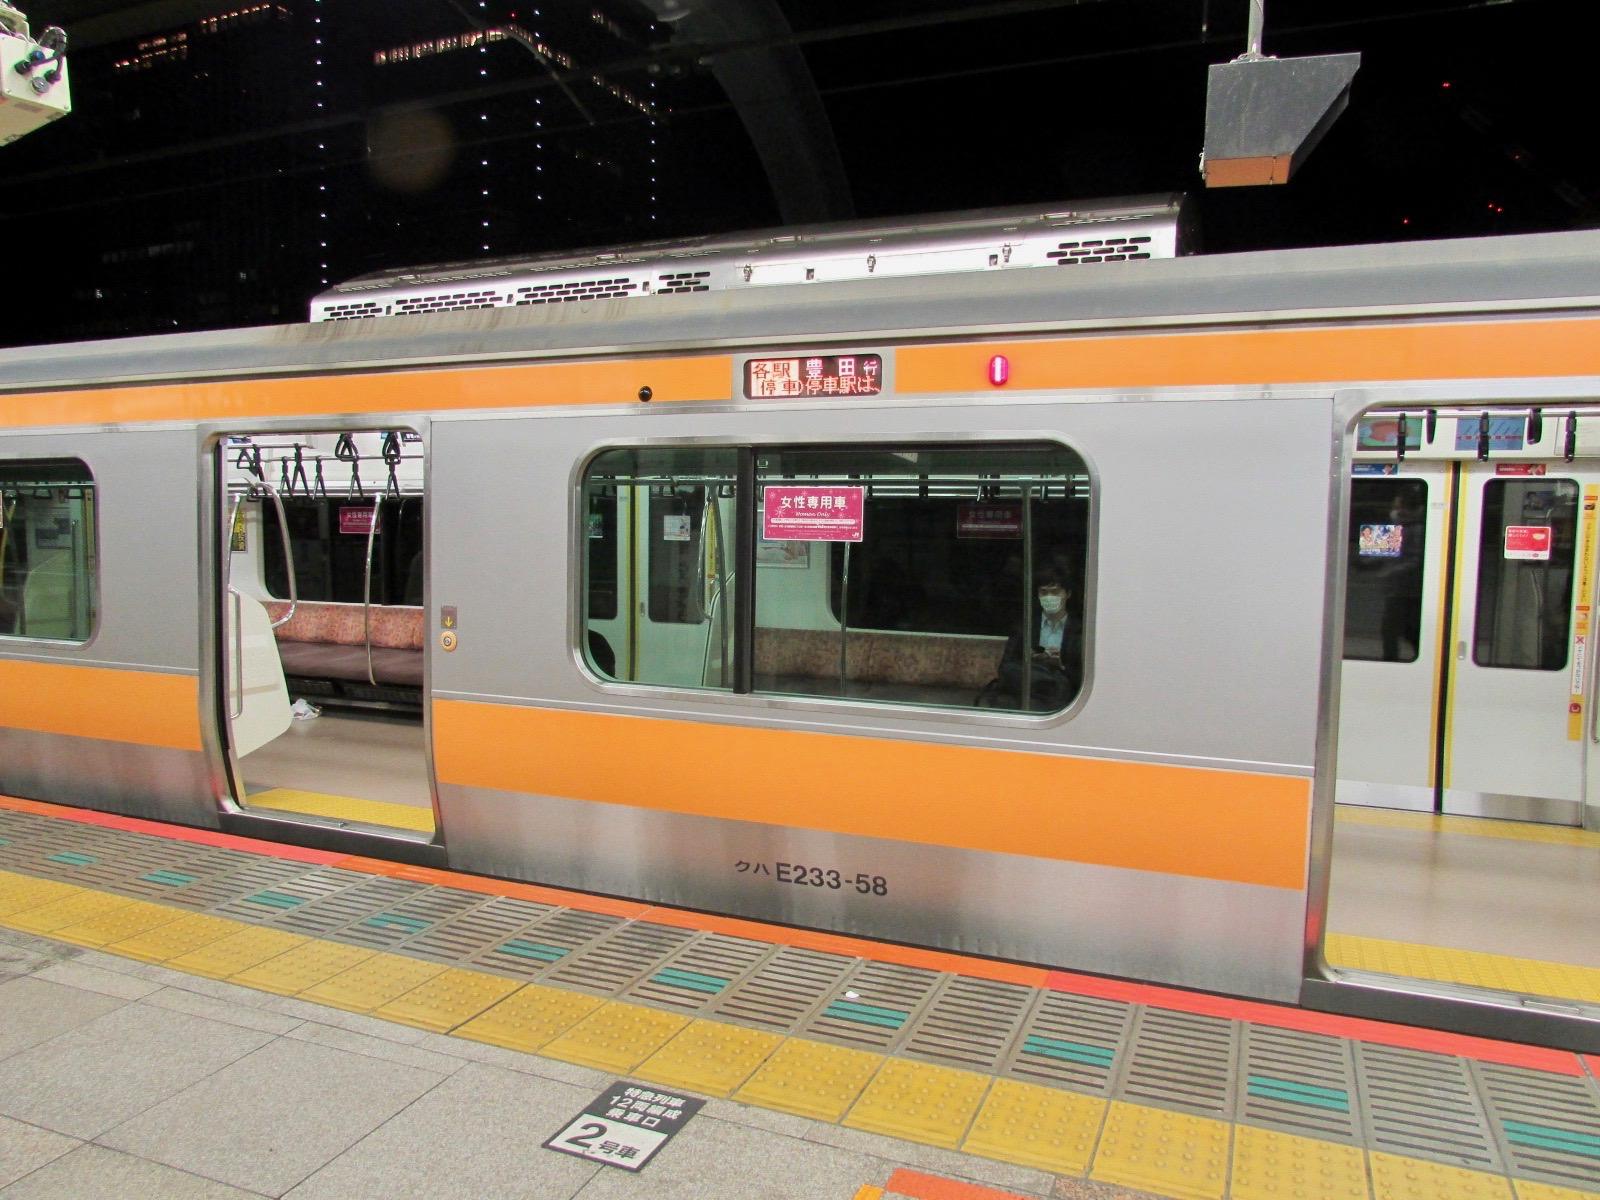 f:id:hiro-jp:20200317094337j:plain